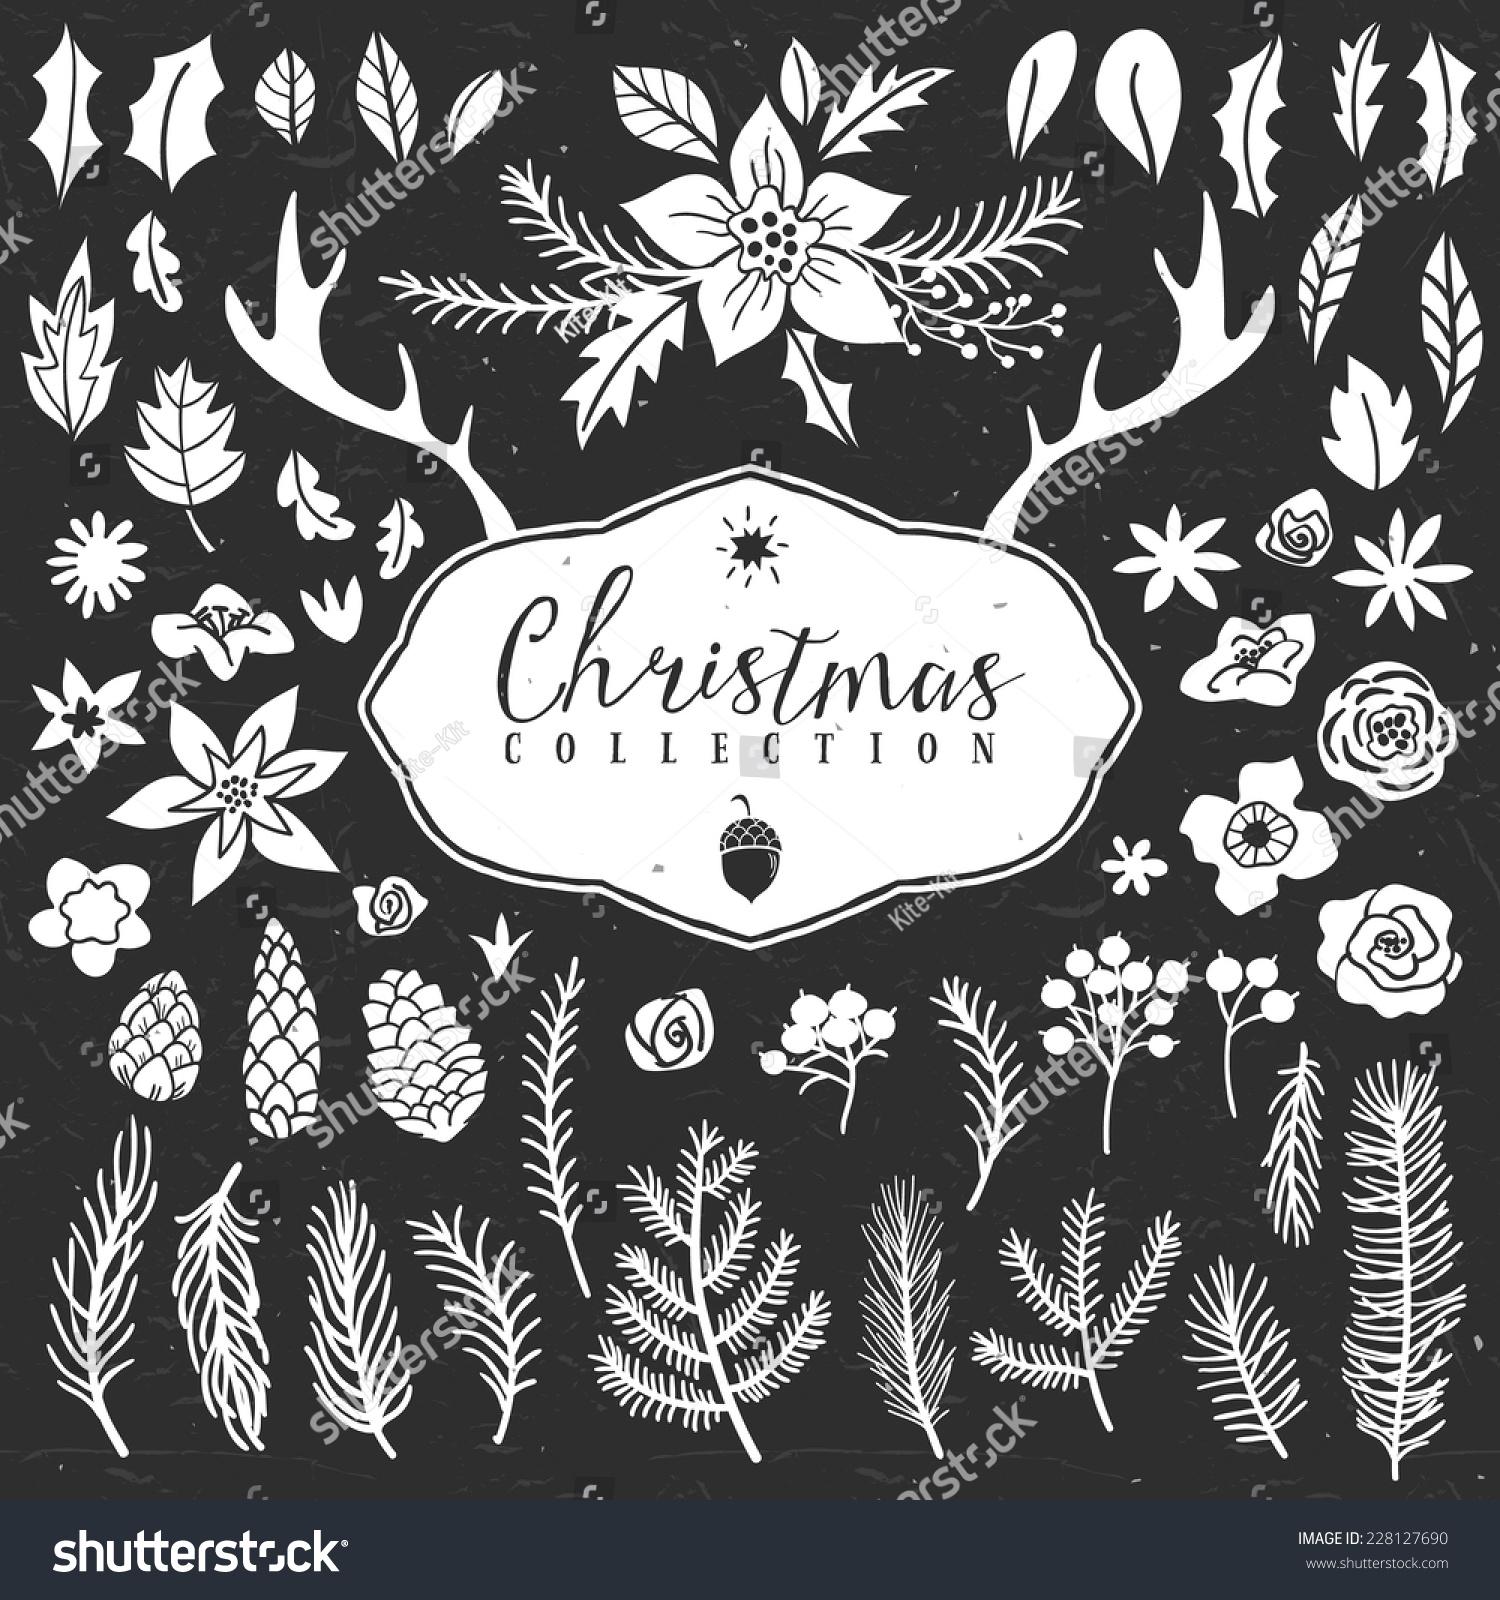 粉笔厂装饰品.圣诞节募捐.手绘插图.设计元素